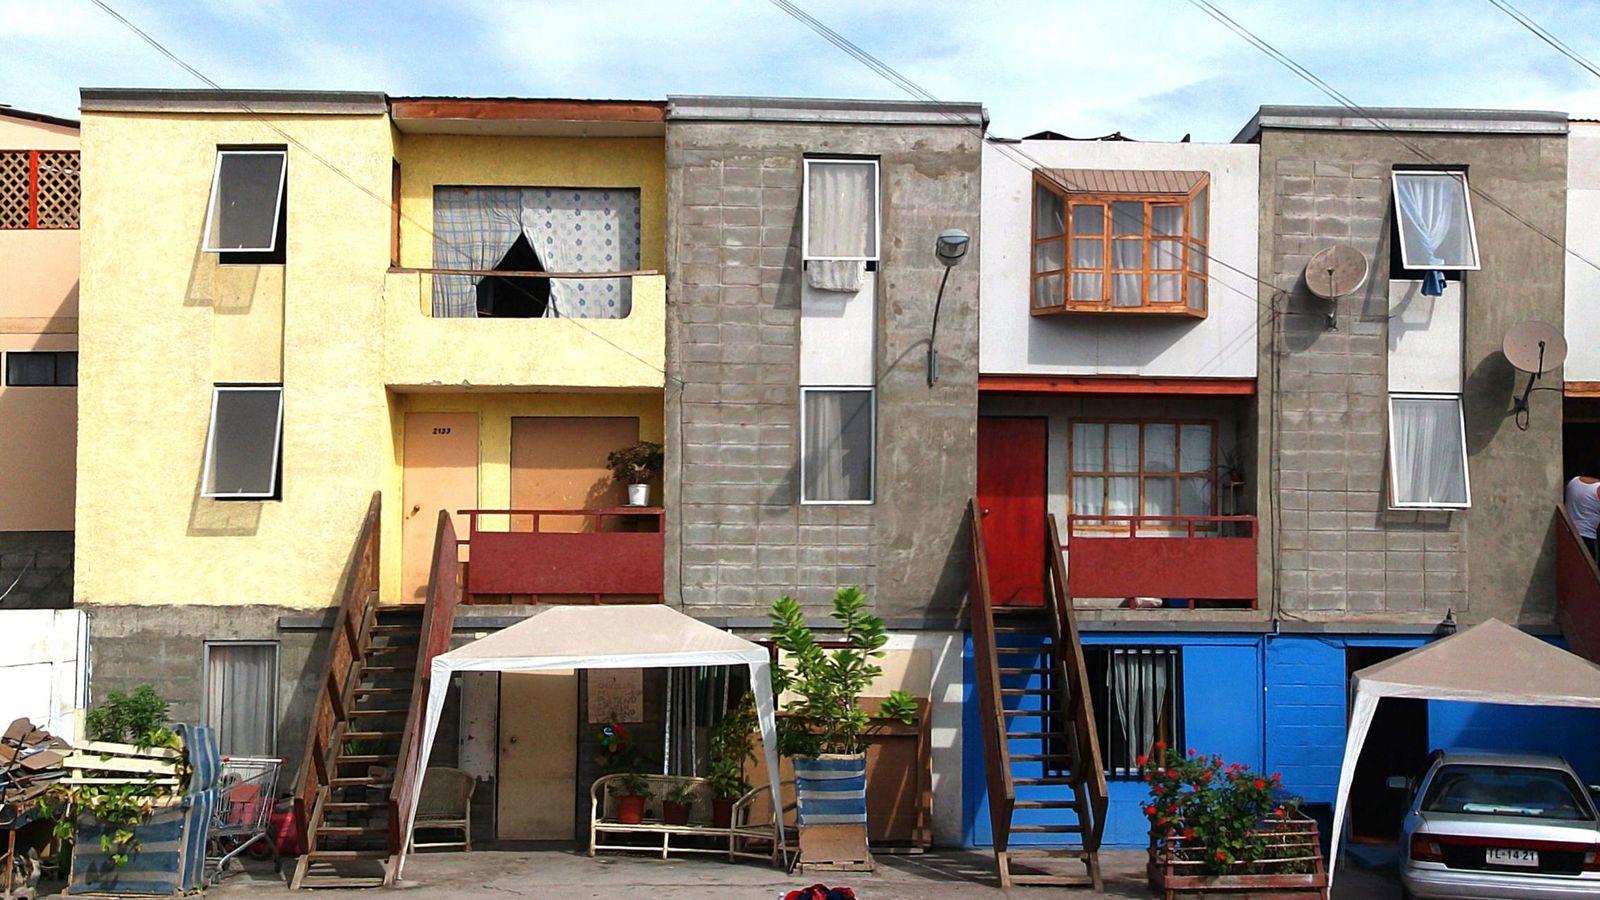 el arquitecto chileno alejandro aravena premio pritzker noticias de cultura